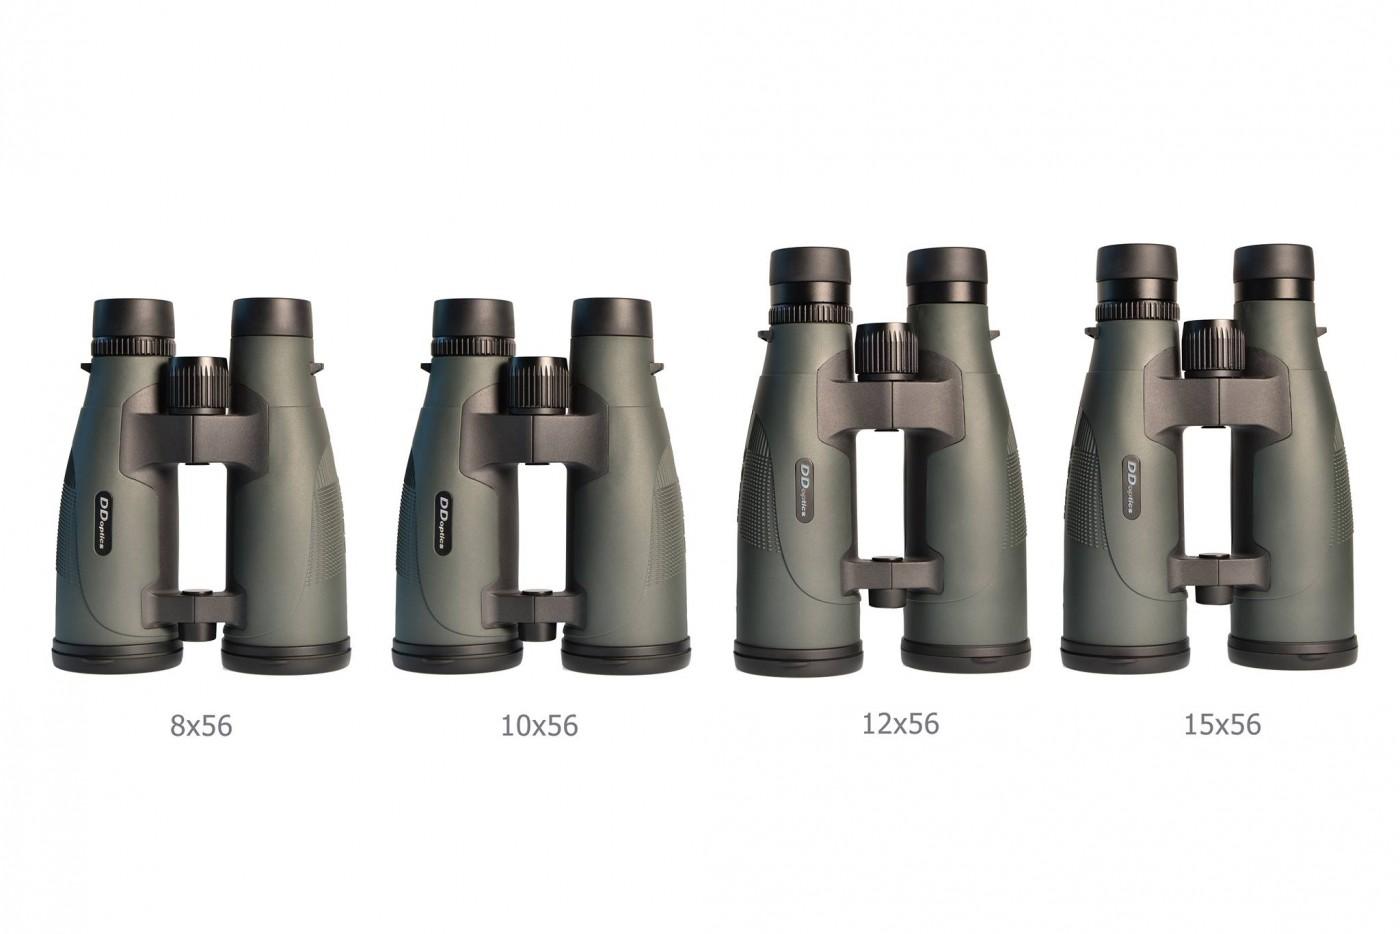 Zeiss Fernglas Mit Entfernungsmesser 10x56 : Jagd & freizeit ddoptics 12x56 pirschler gen.3 magnesium grün